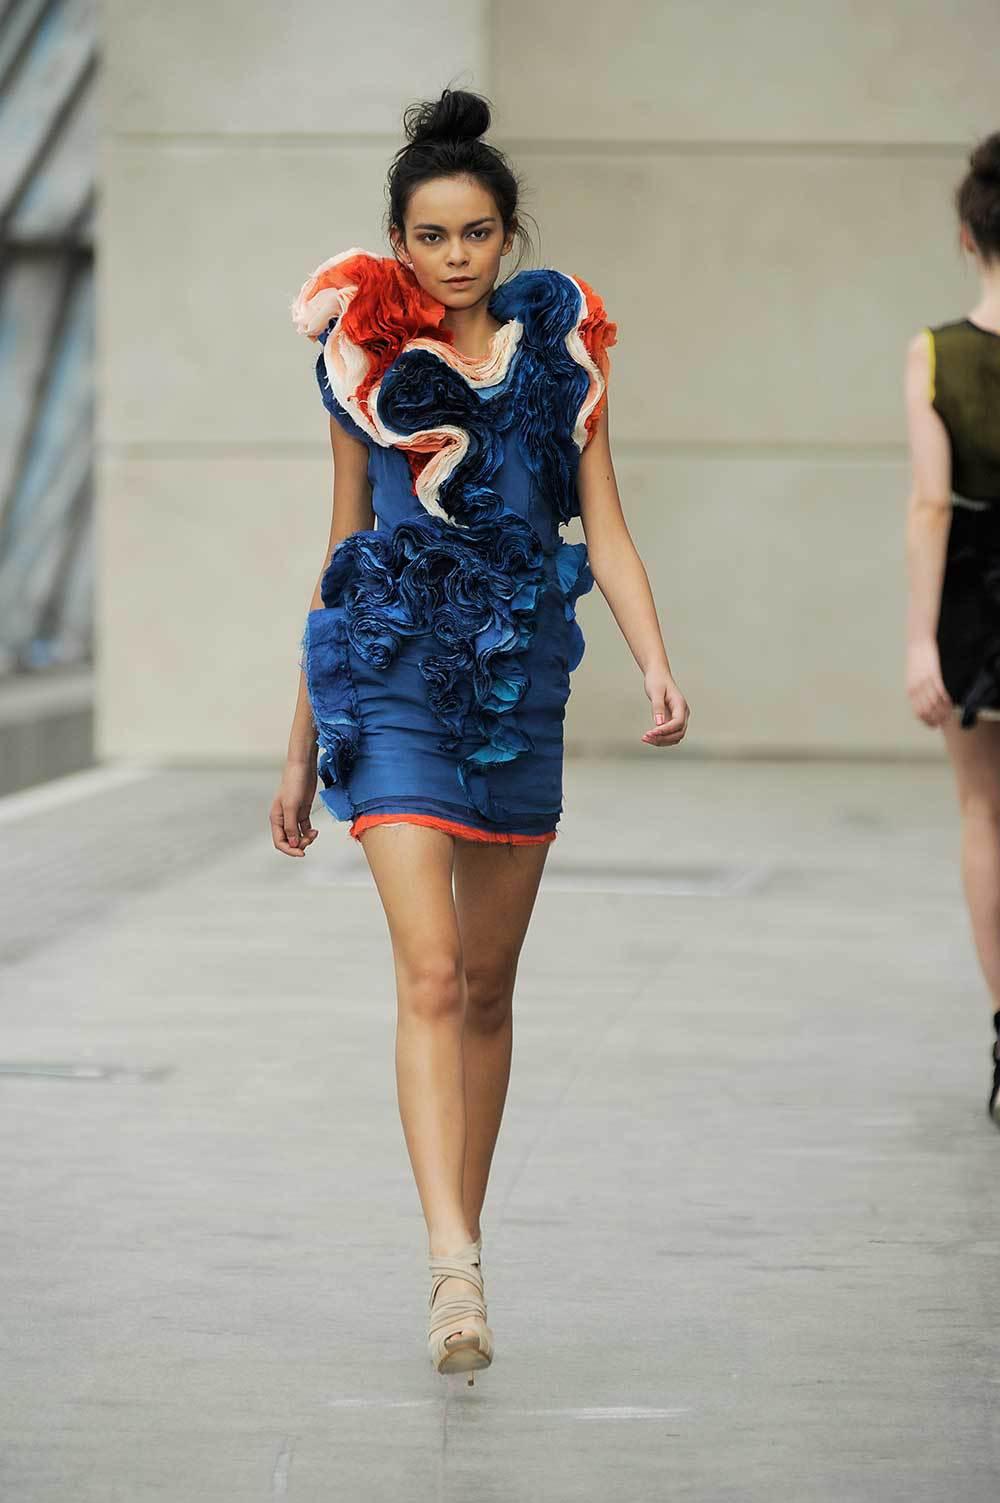 Felicity-Brown-SS11-11-Sapphire-Ruffle-Dress.jpg